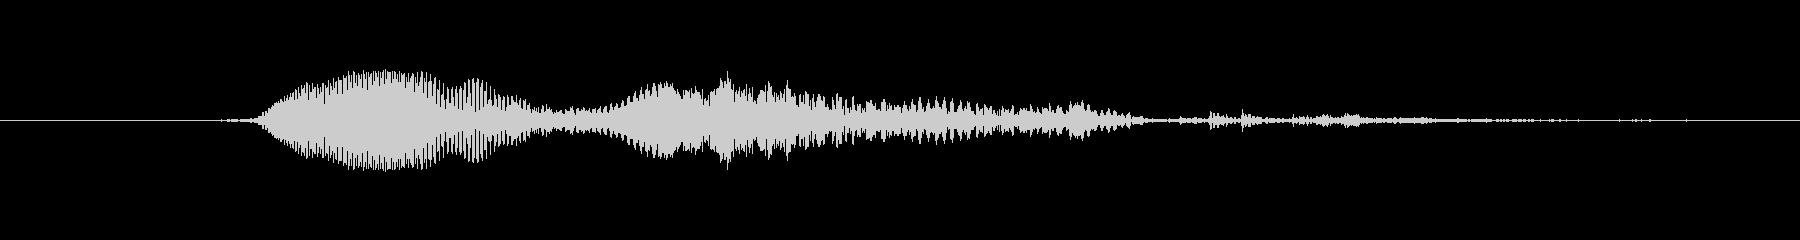 鳴き声 男性の叫びヒット04の未再生の波形